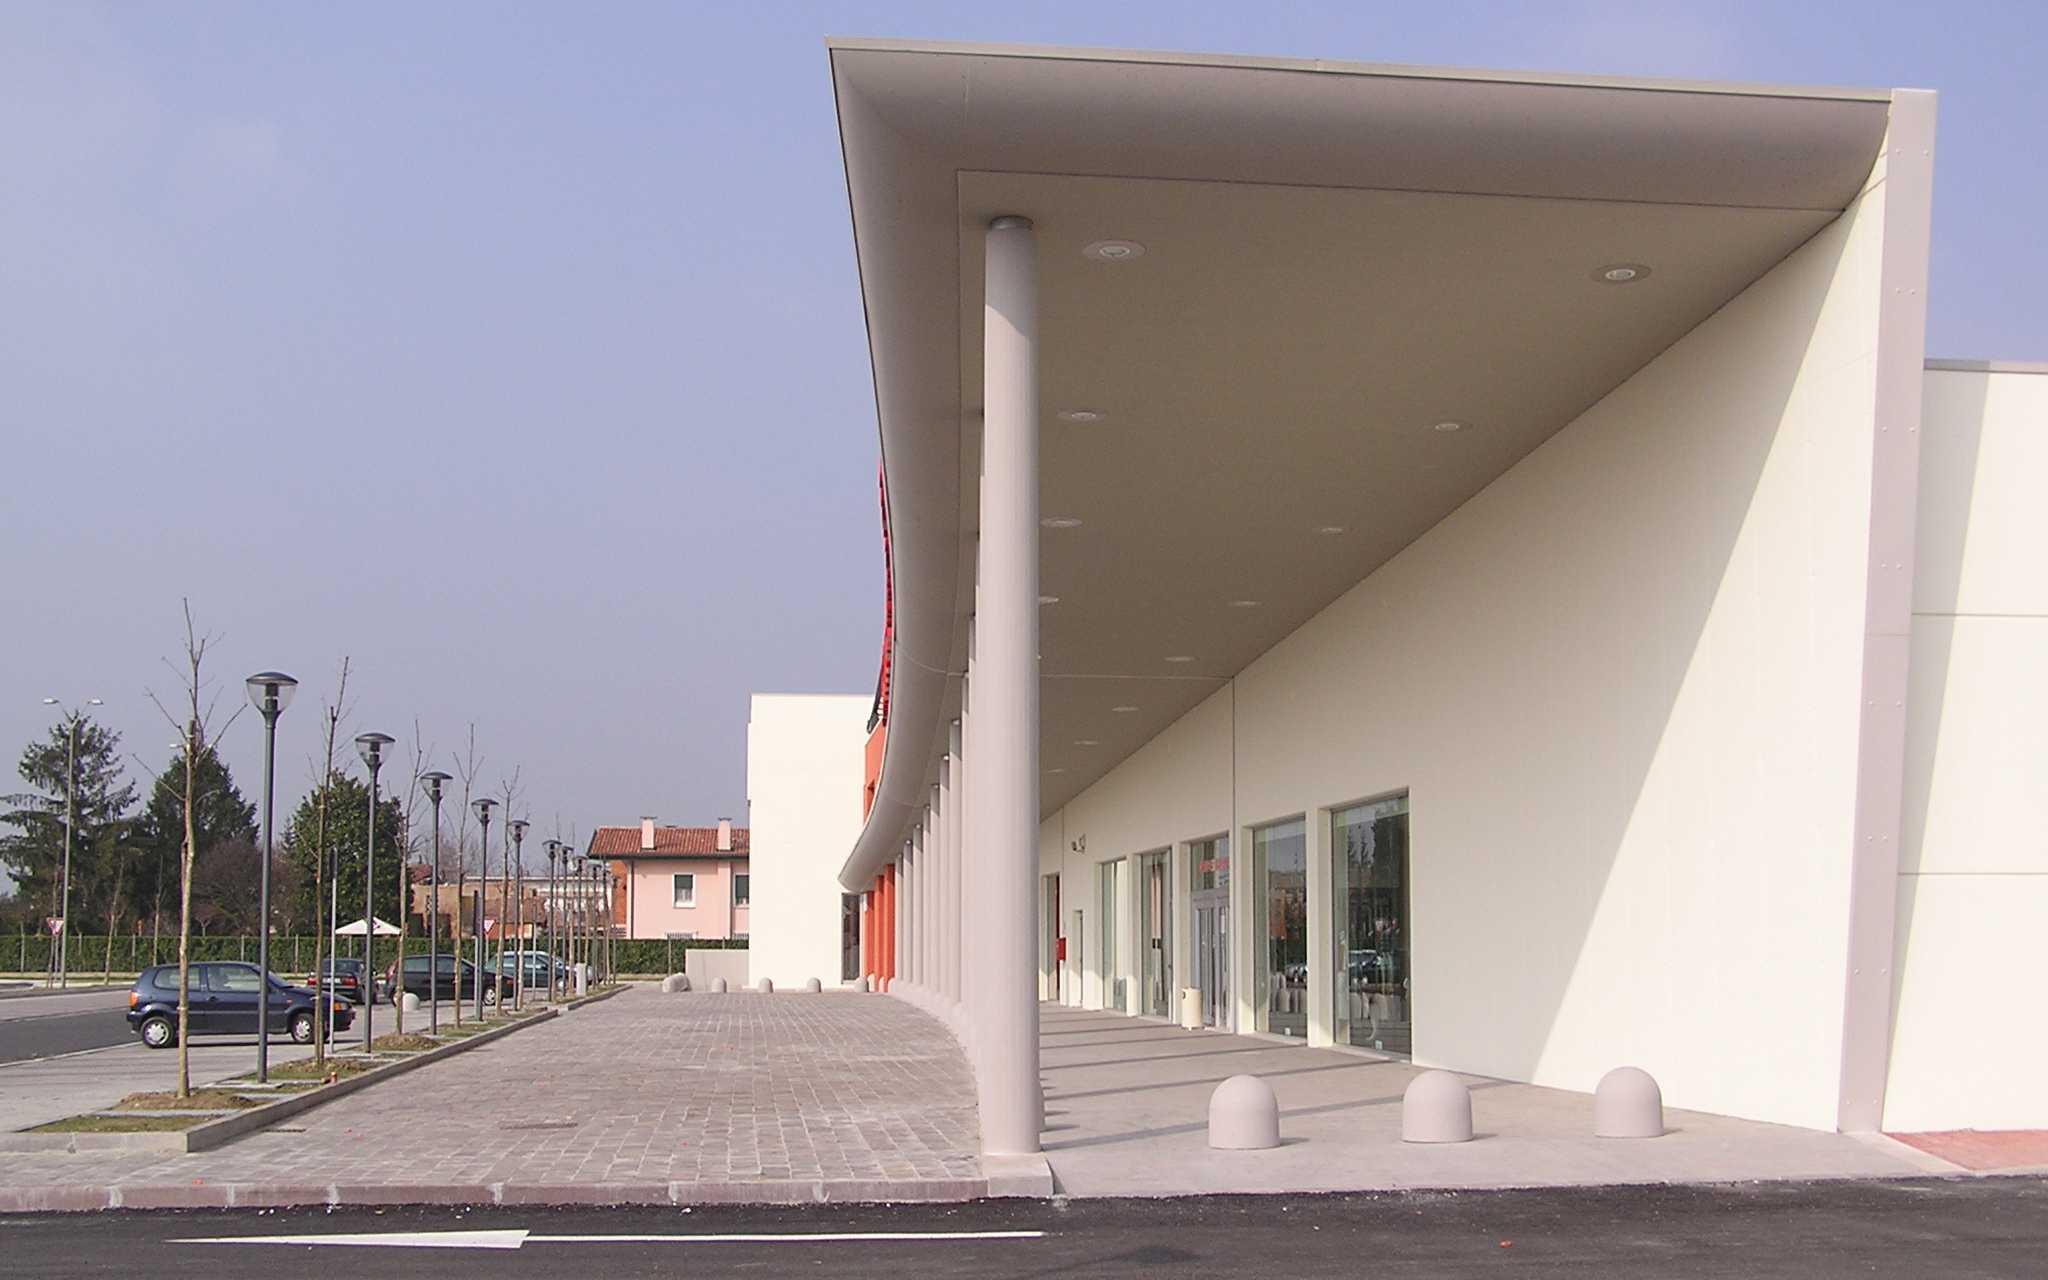 Centro commerciale/direzionale